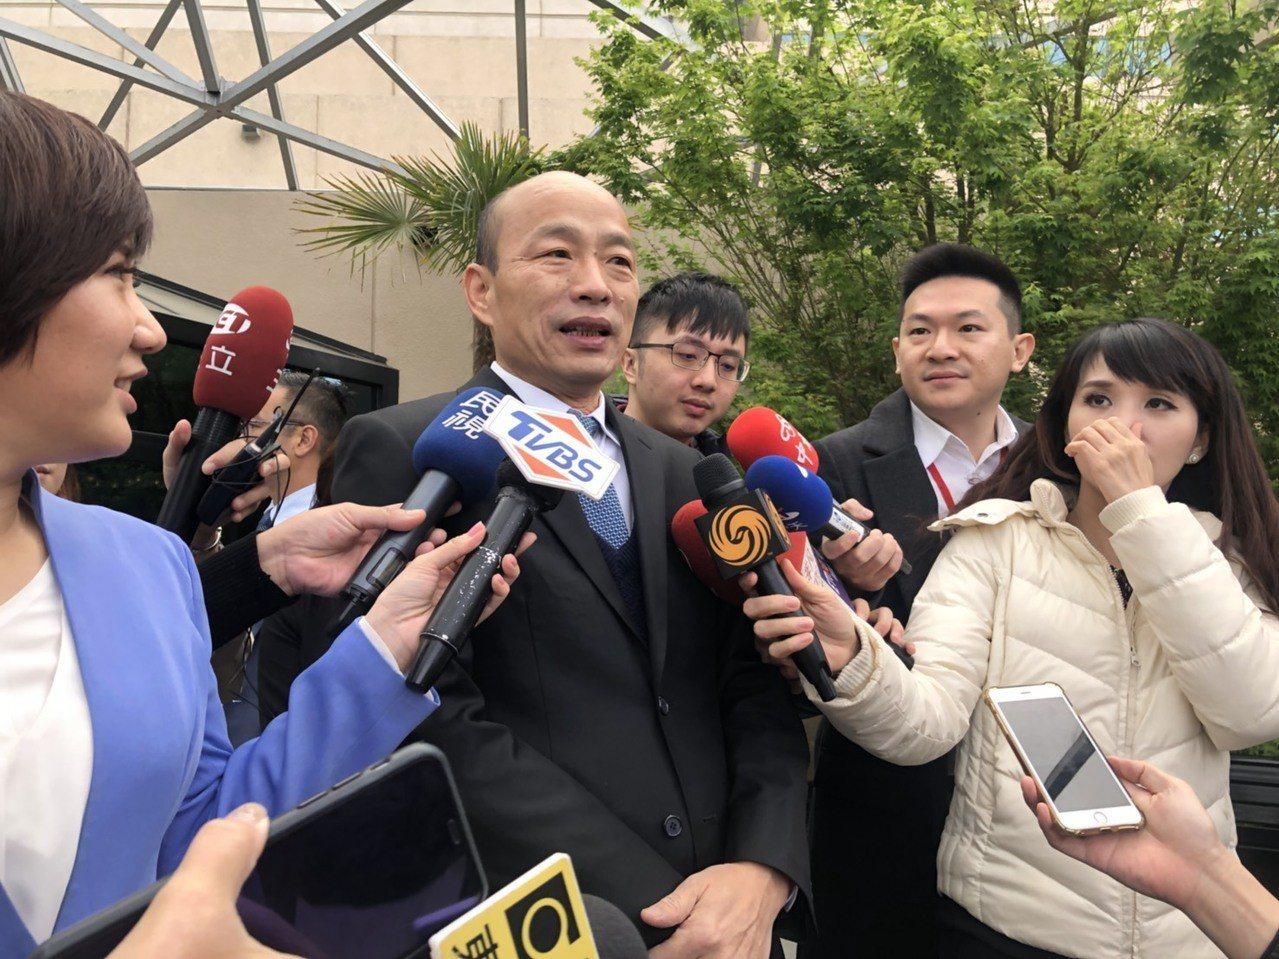 高雄市長韓國瑜美西時間14日下午在史丹福大學演講,主題是「我的高雄之路:重塑台灣...